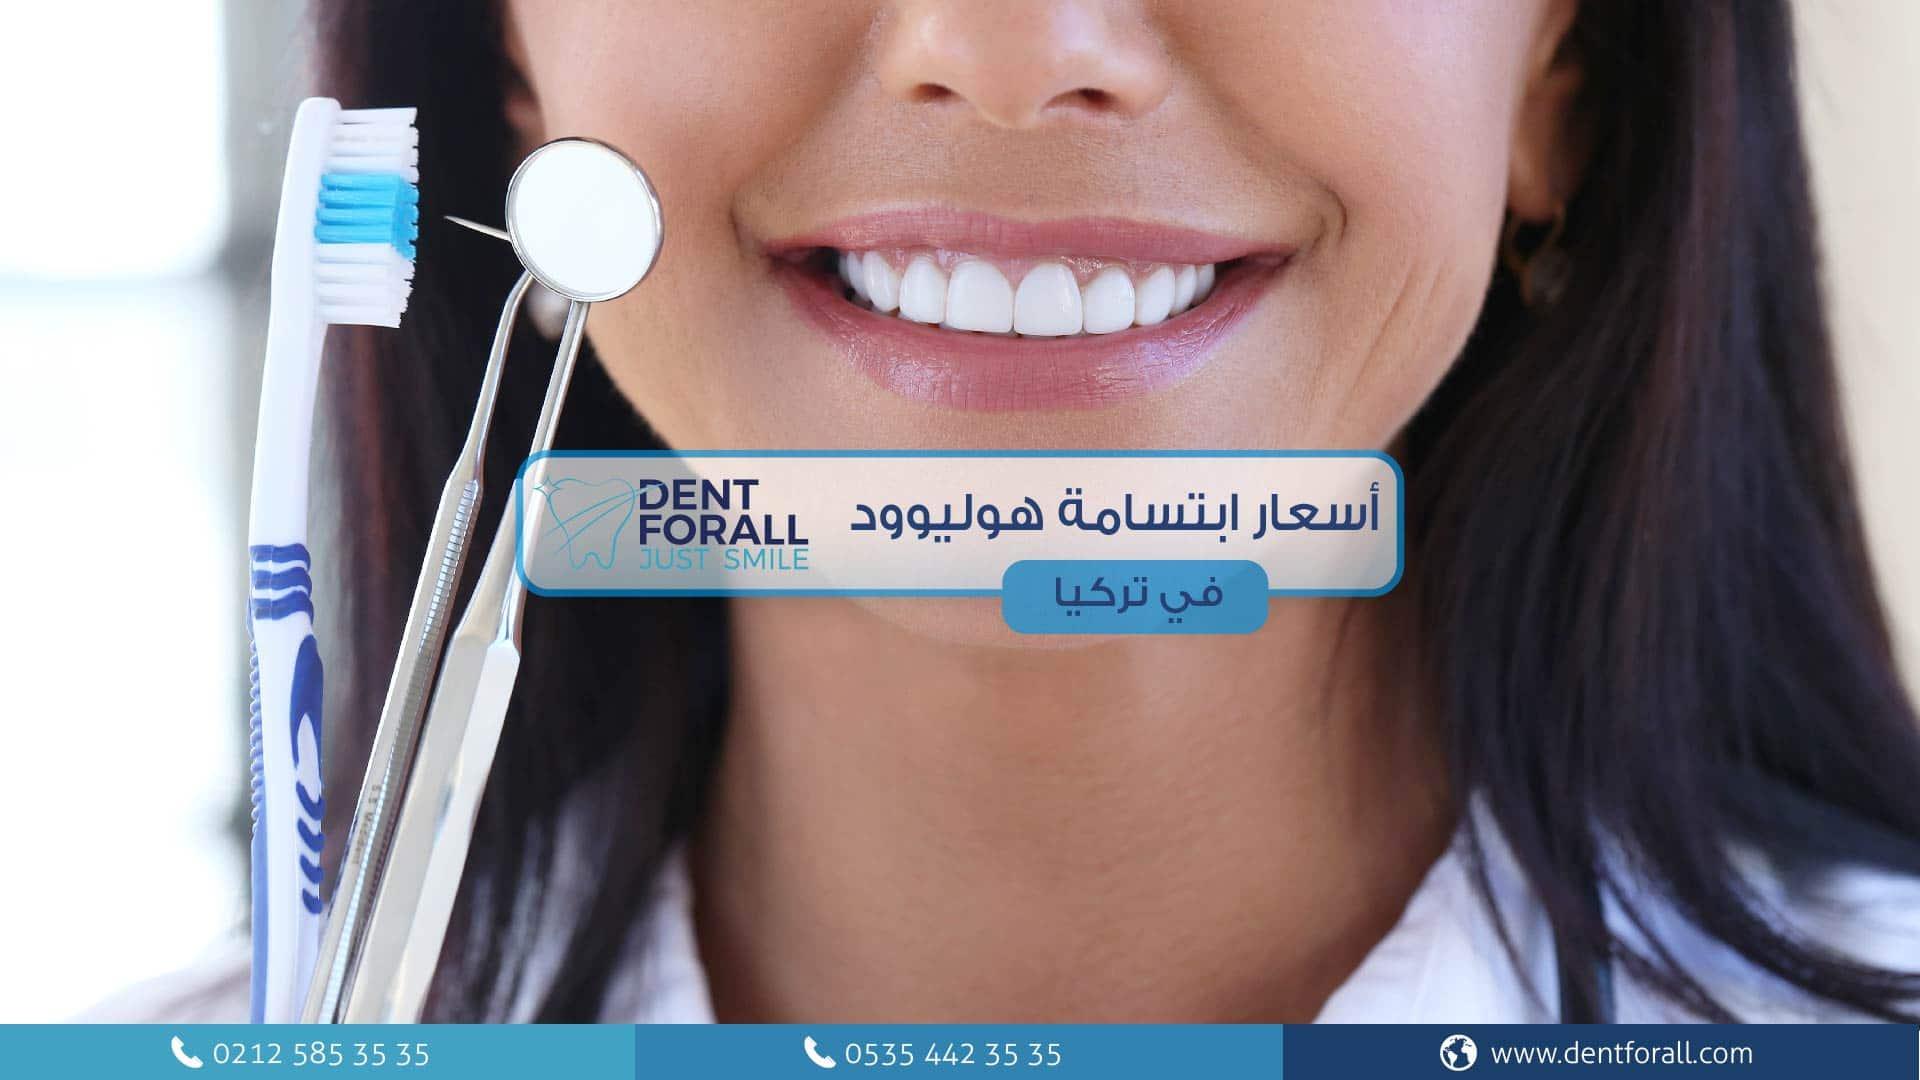 سعر وتكلفة ابتسامة هوليود في تركيا،والعوامل المؤثرة في ذلك،أيضا أنواع عدسات الأسنان